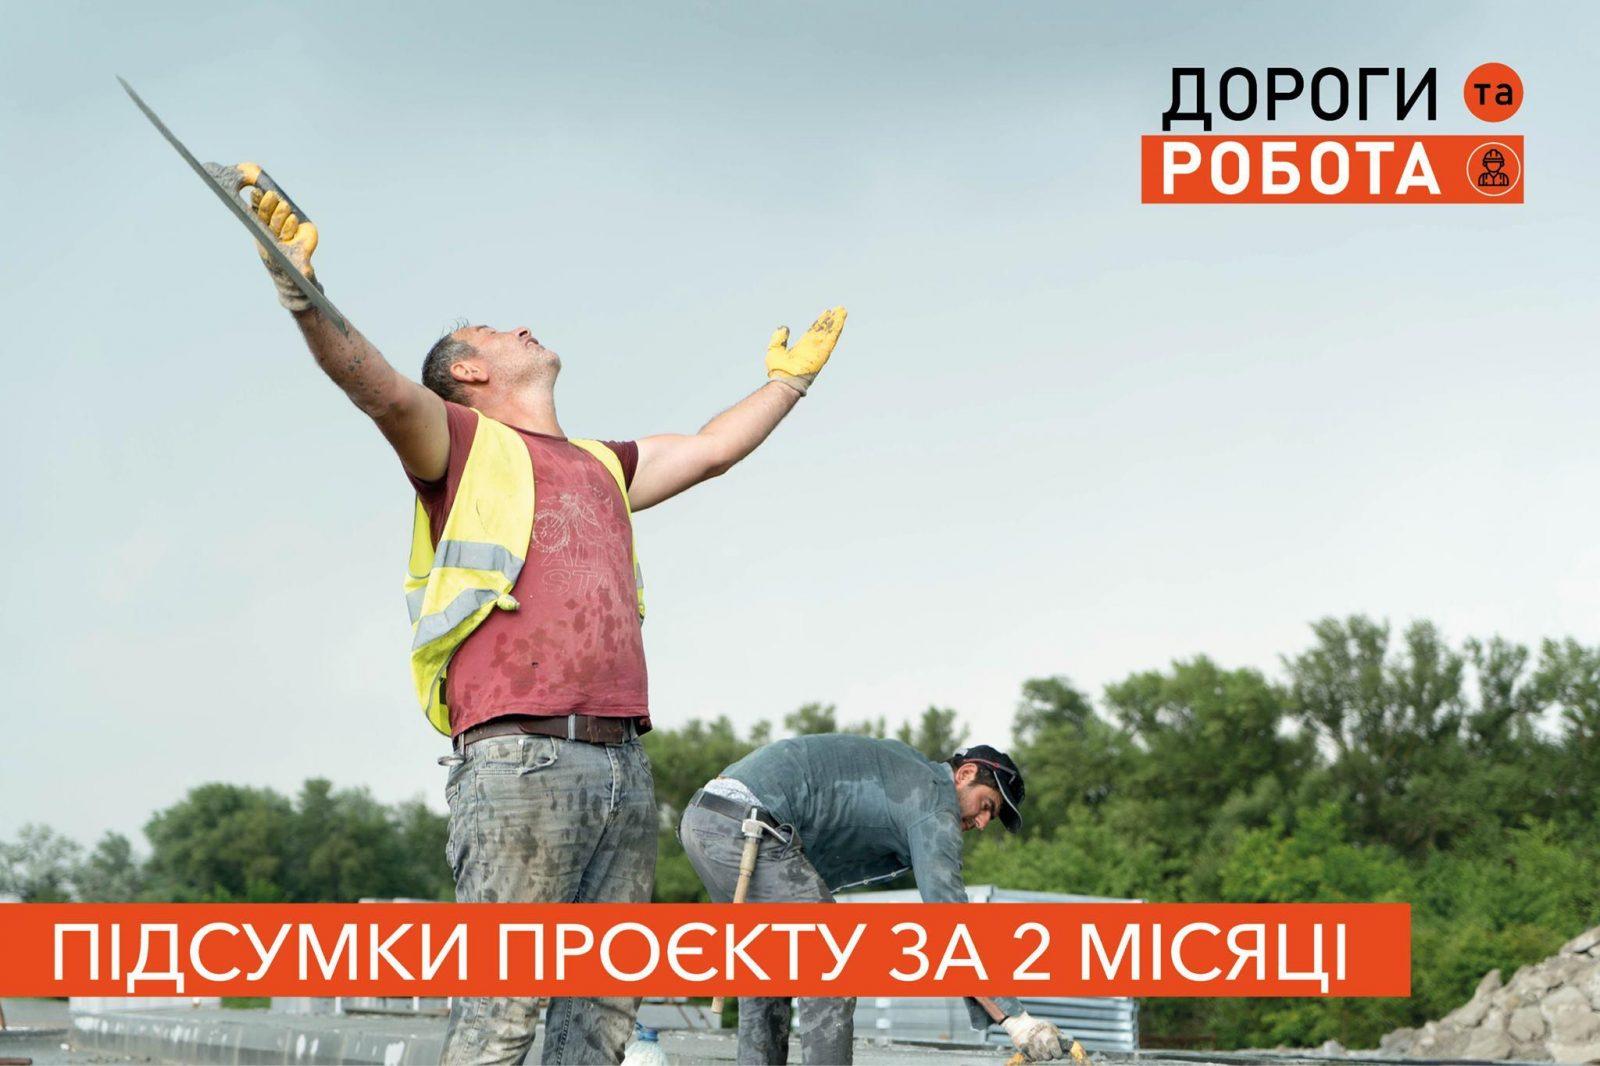 Более 9 тыс трудоустроенных в дорожной и смежных отраслях за два месяца